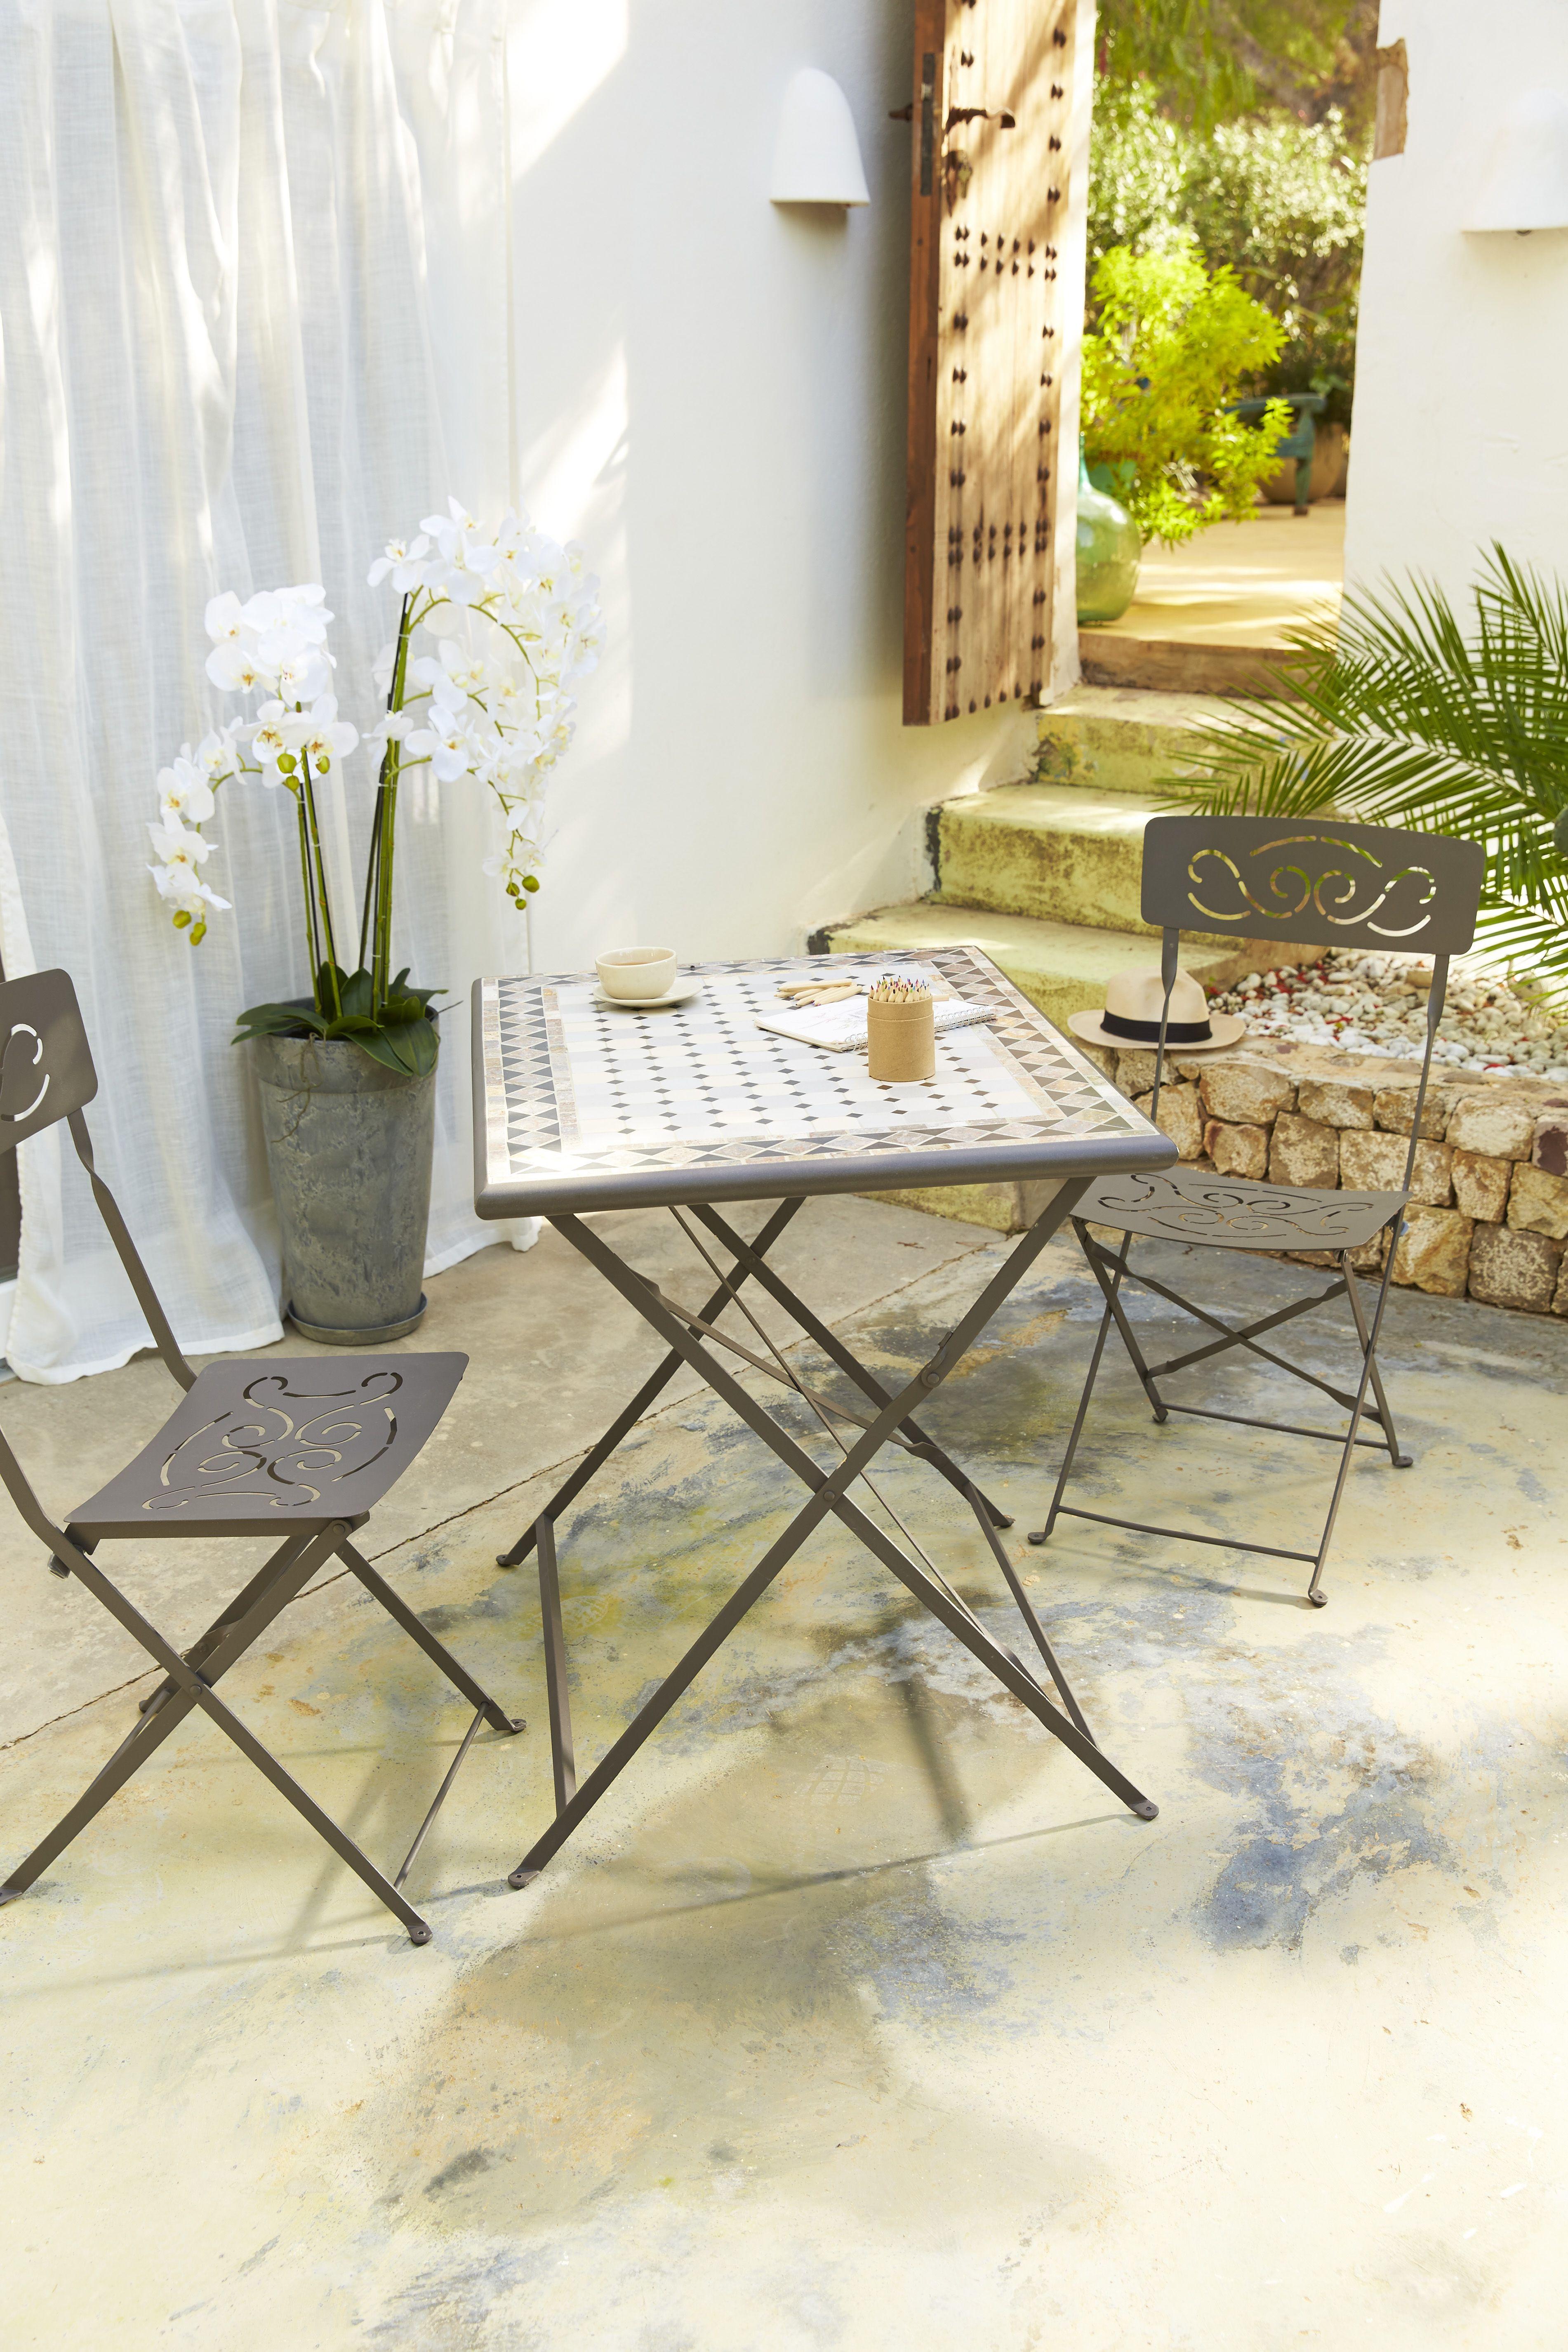 vos courses en ligne drive livraison a domicile avec carrefour fr table pliante exterieur table pliante table mosaique